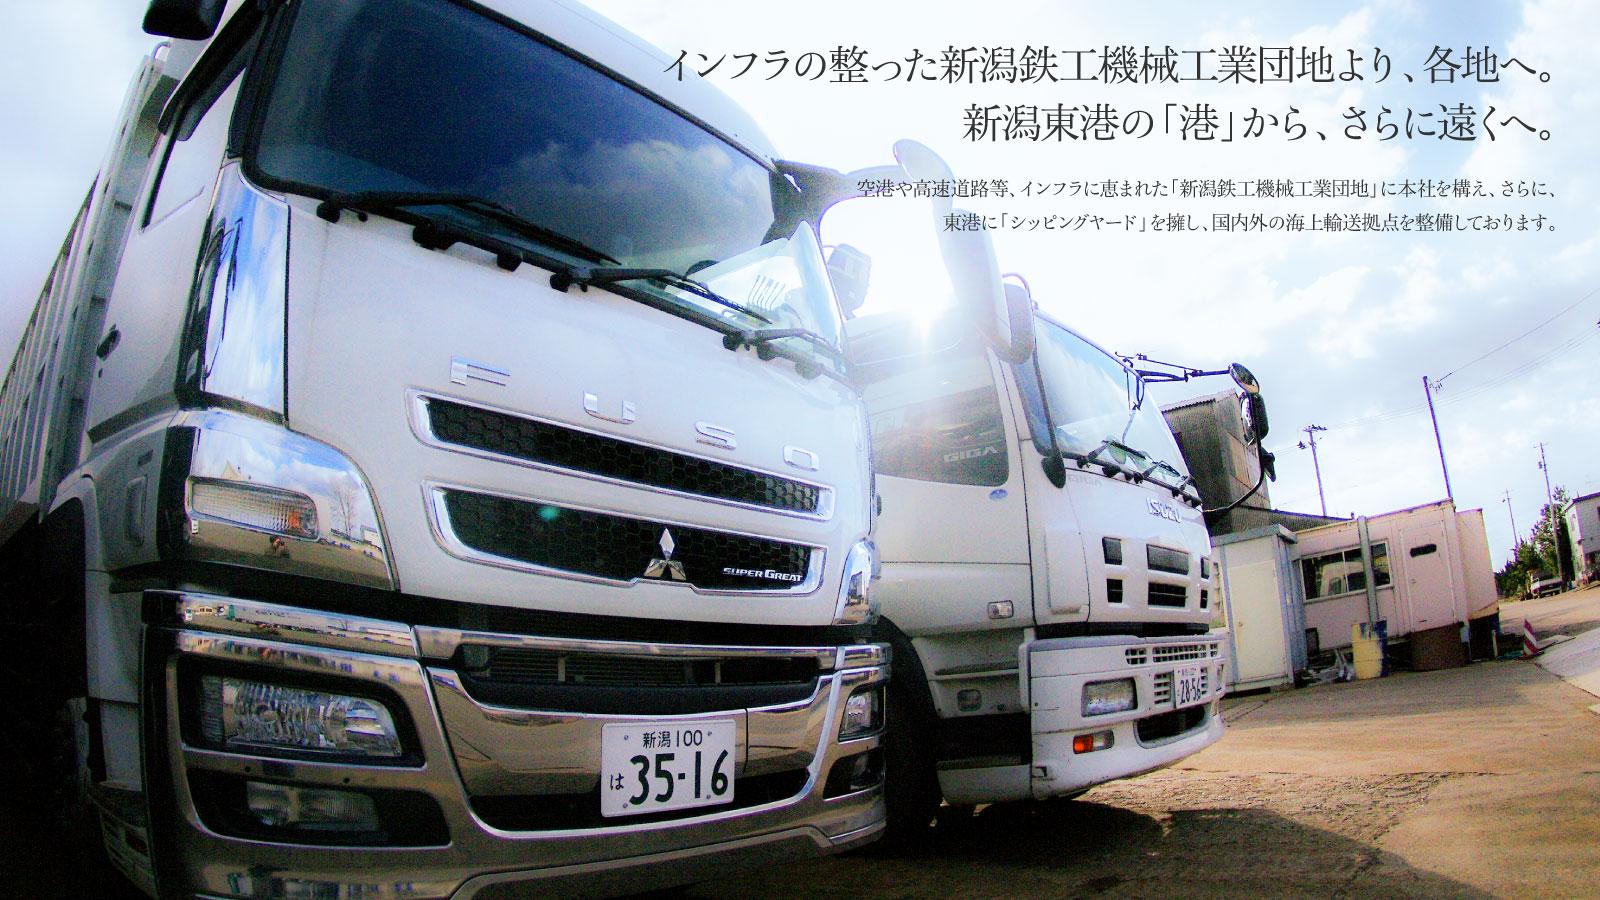 インフラの整った新潟鉄工機械工業団地より、各地へ。新潟東港の「港」から、さらに遠くへ。